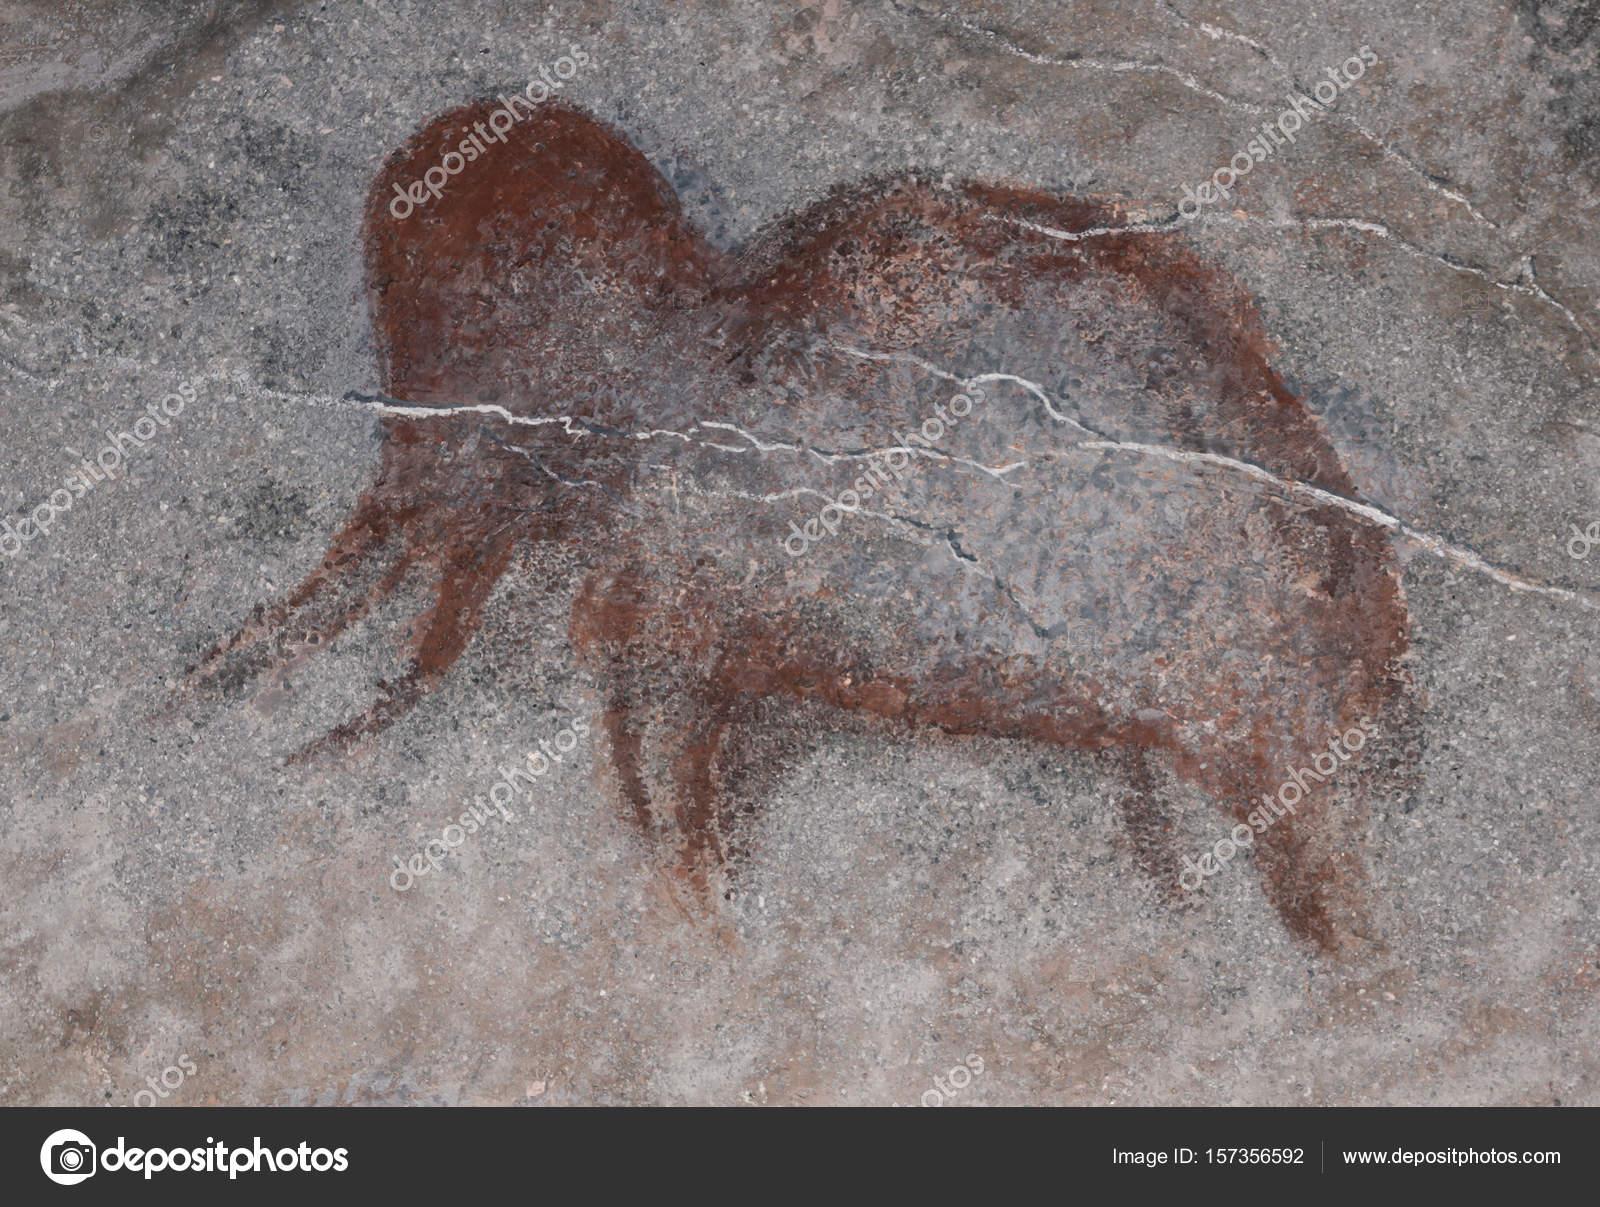 Kresby V Jeskyni Staroveke Pravekeho Cloveka Barva Okrova Stock